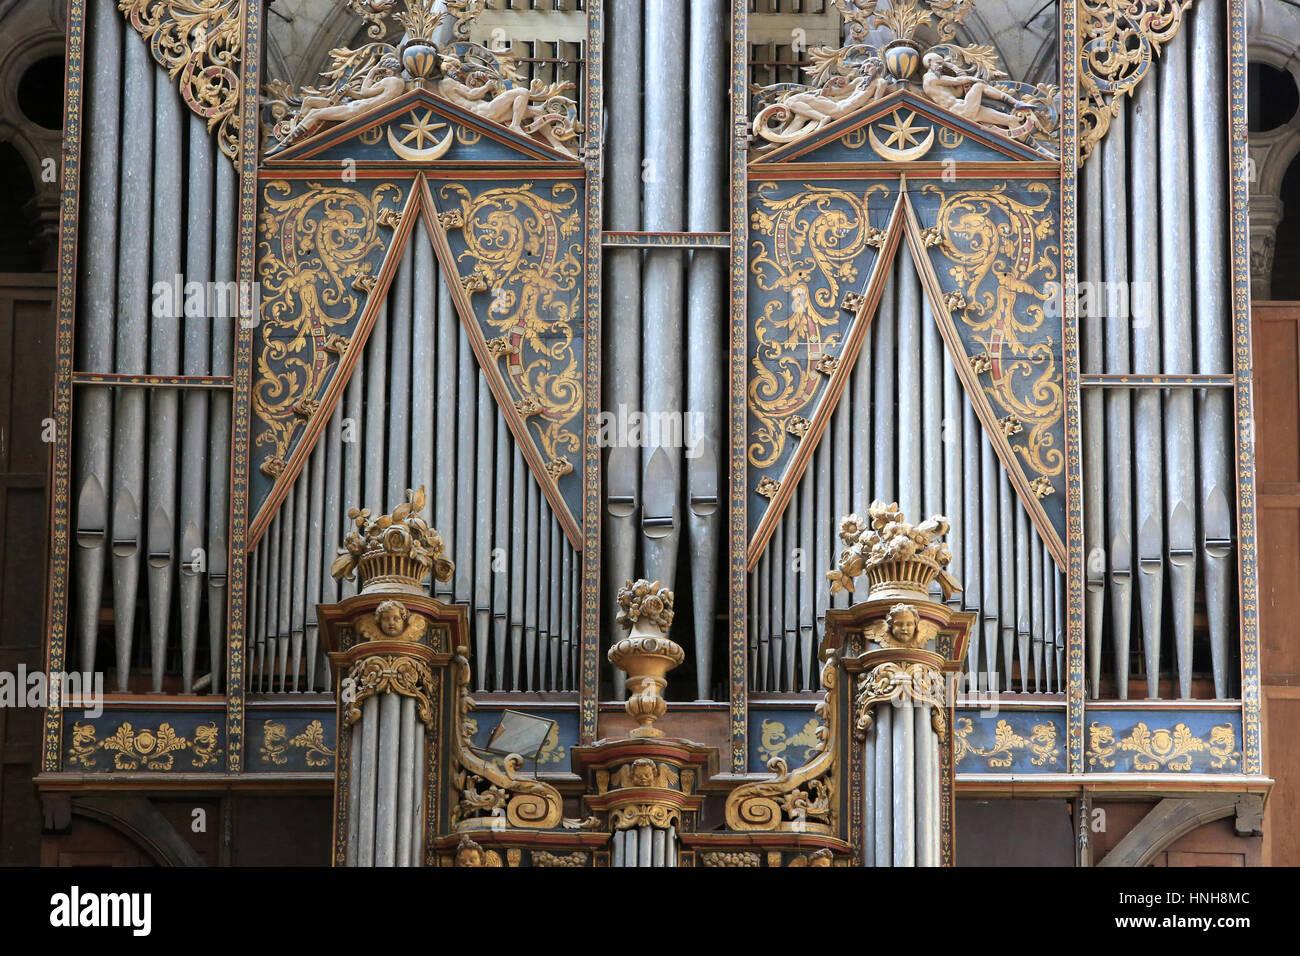 The gallery organ. Amiens Cathedral. L'orgue de tribune. Cathédrale Notre-Dame d'Amiens. - Stock Image